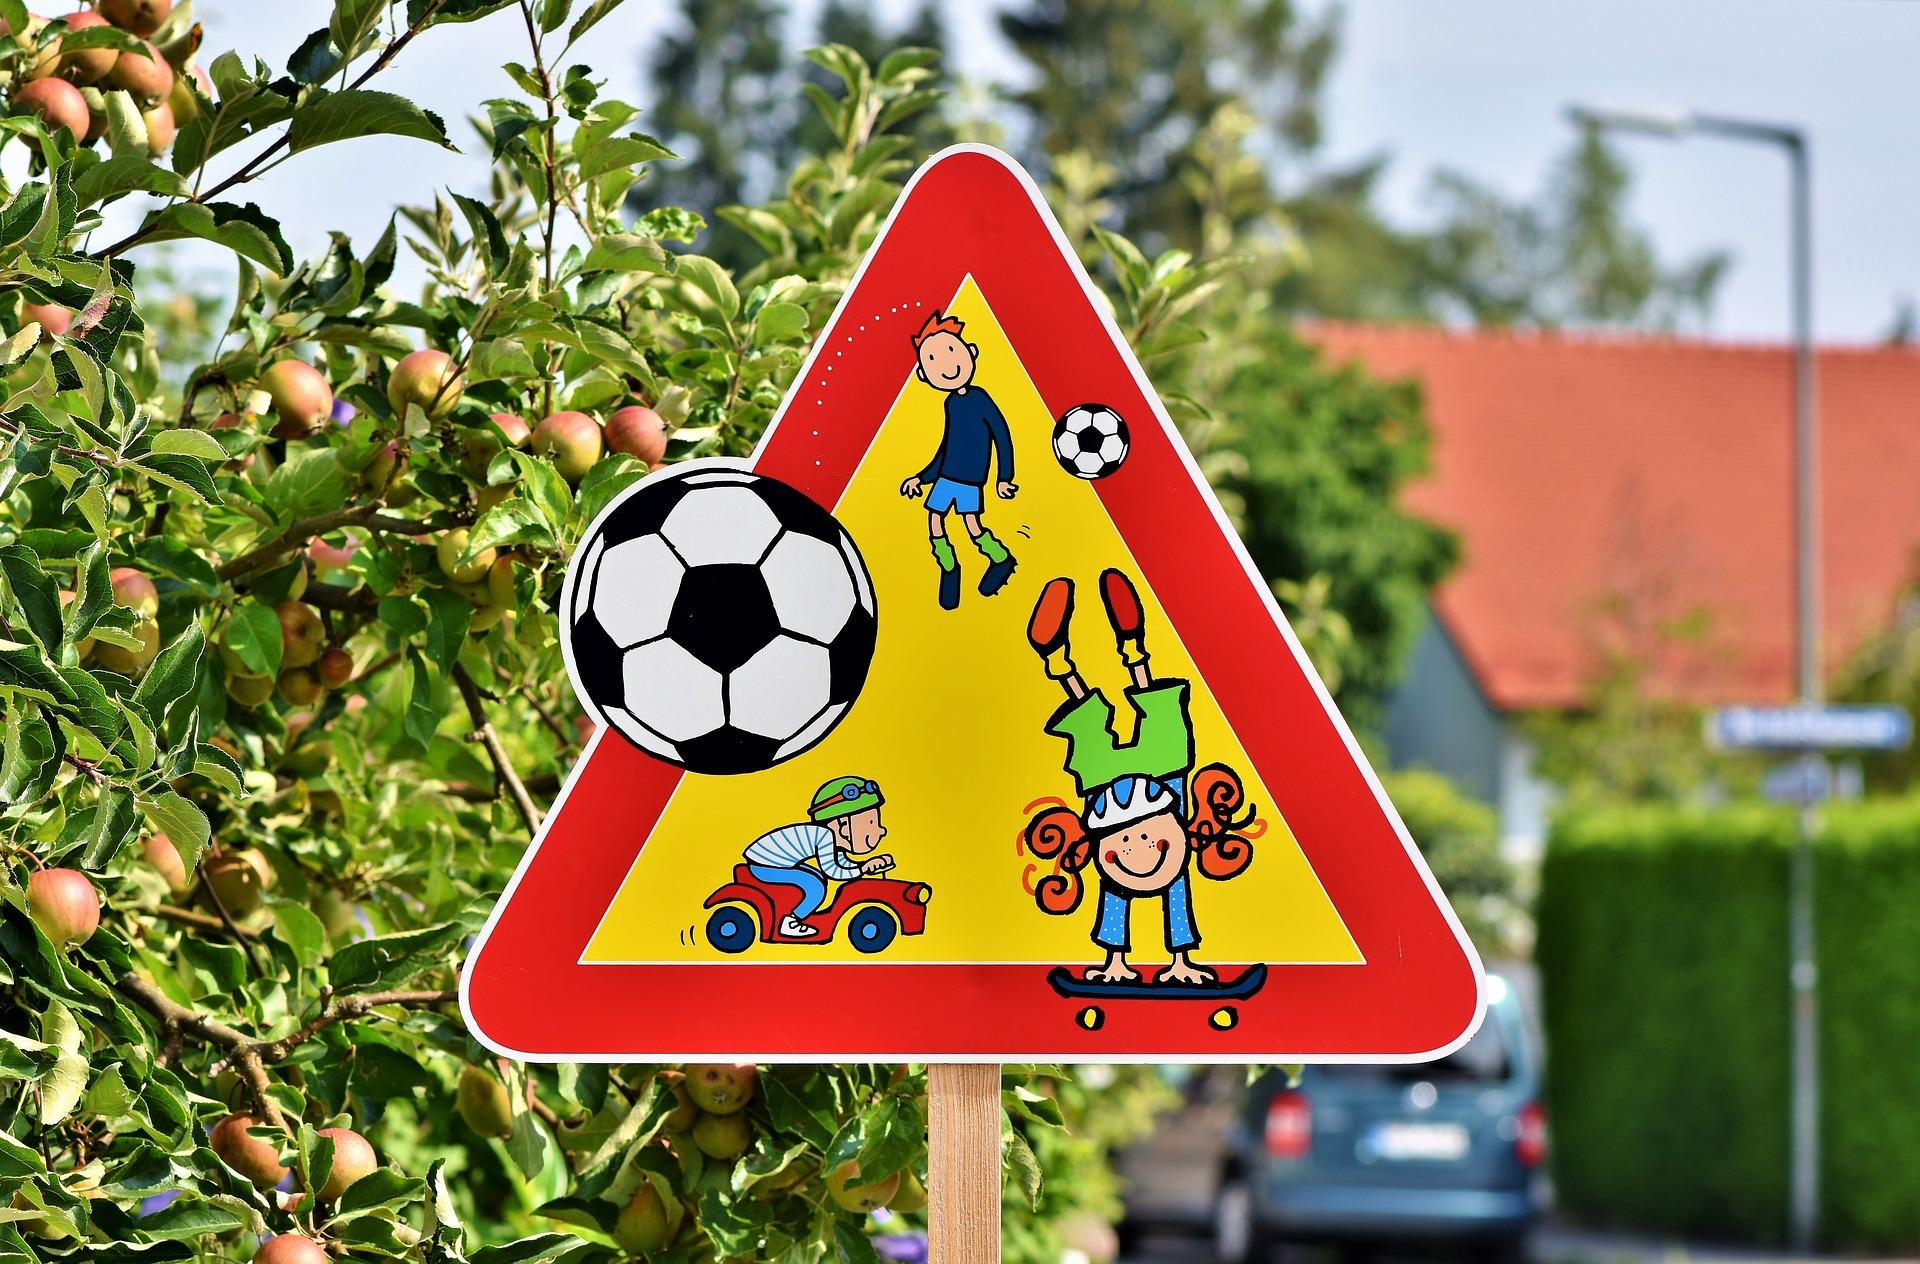 Straßen müssen für Kinder sicher sein